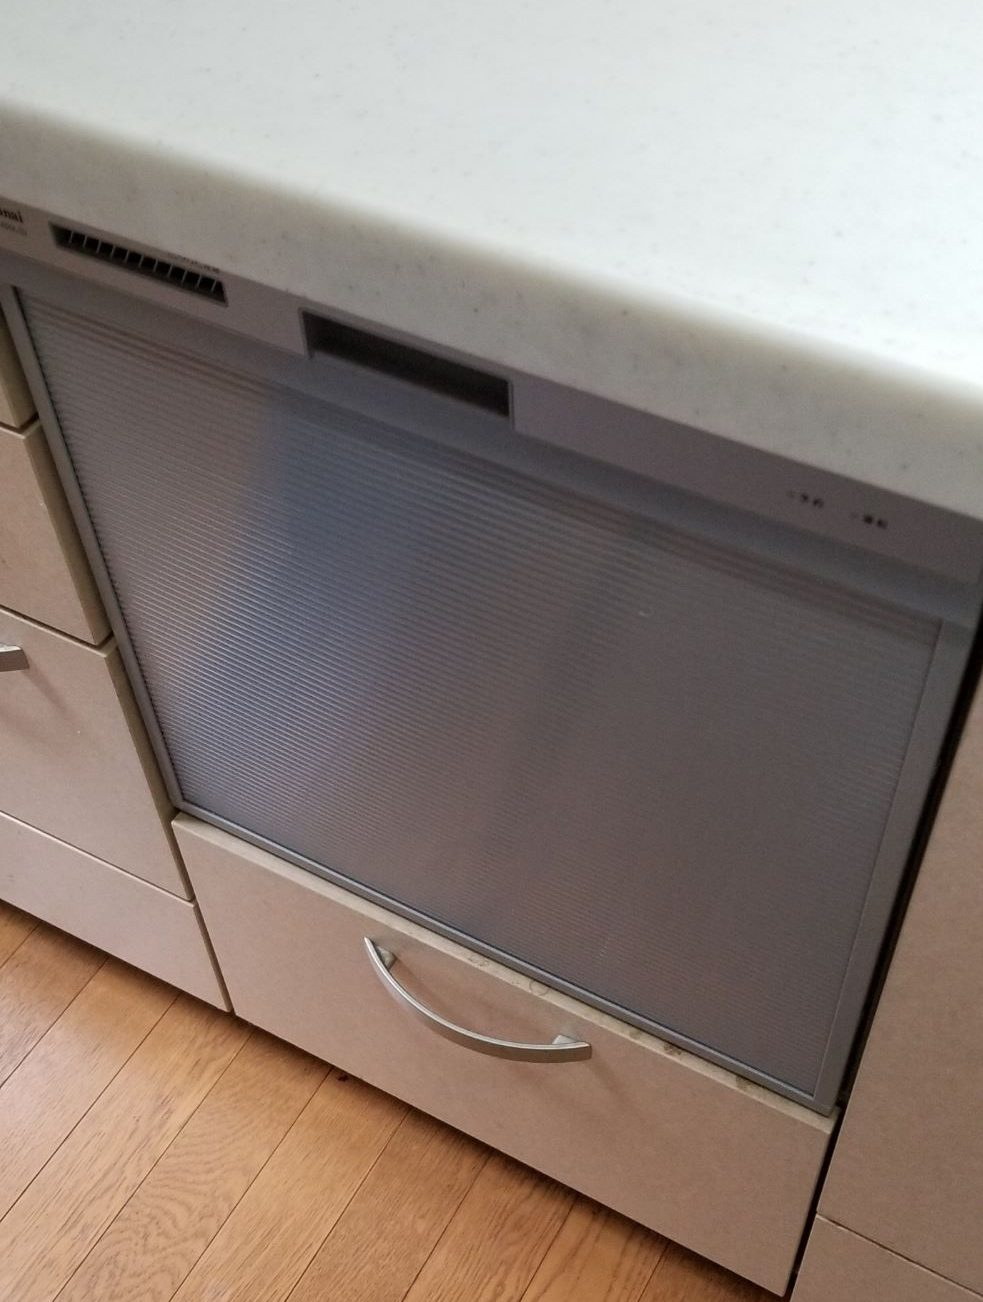 食器洗浄機交換工事 一宮市